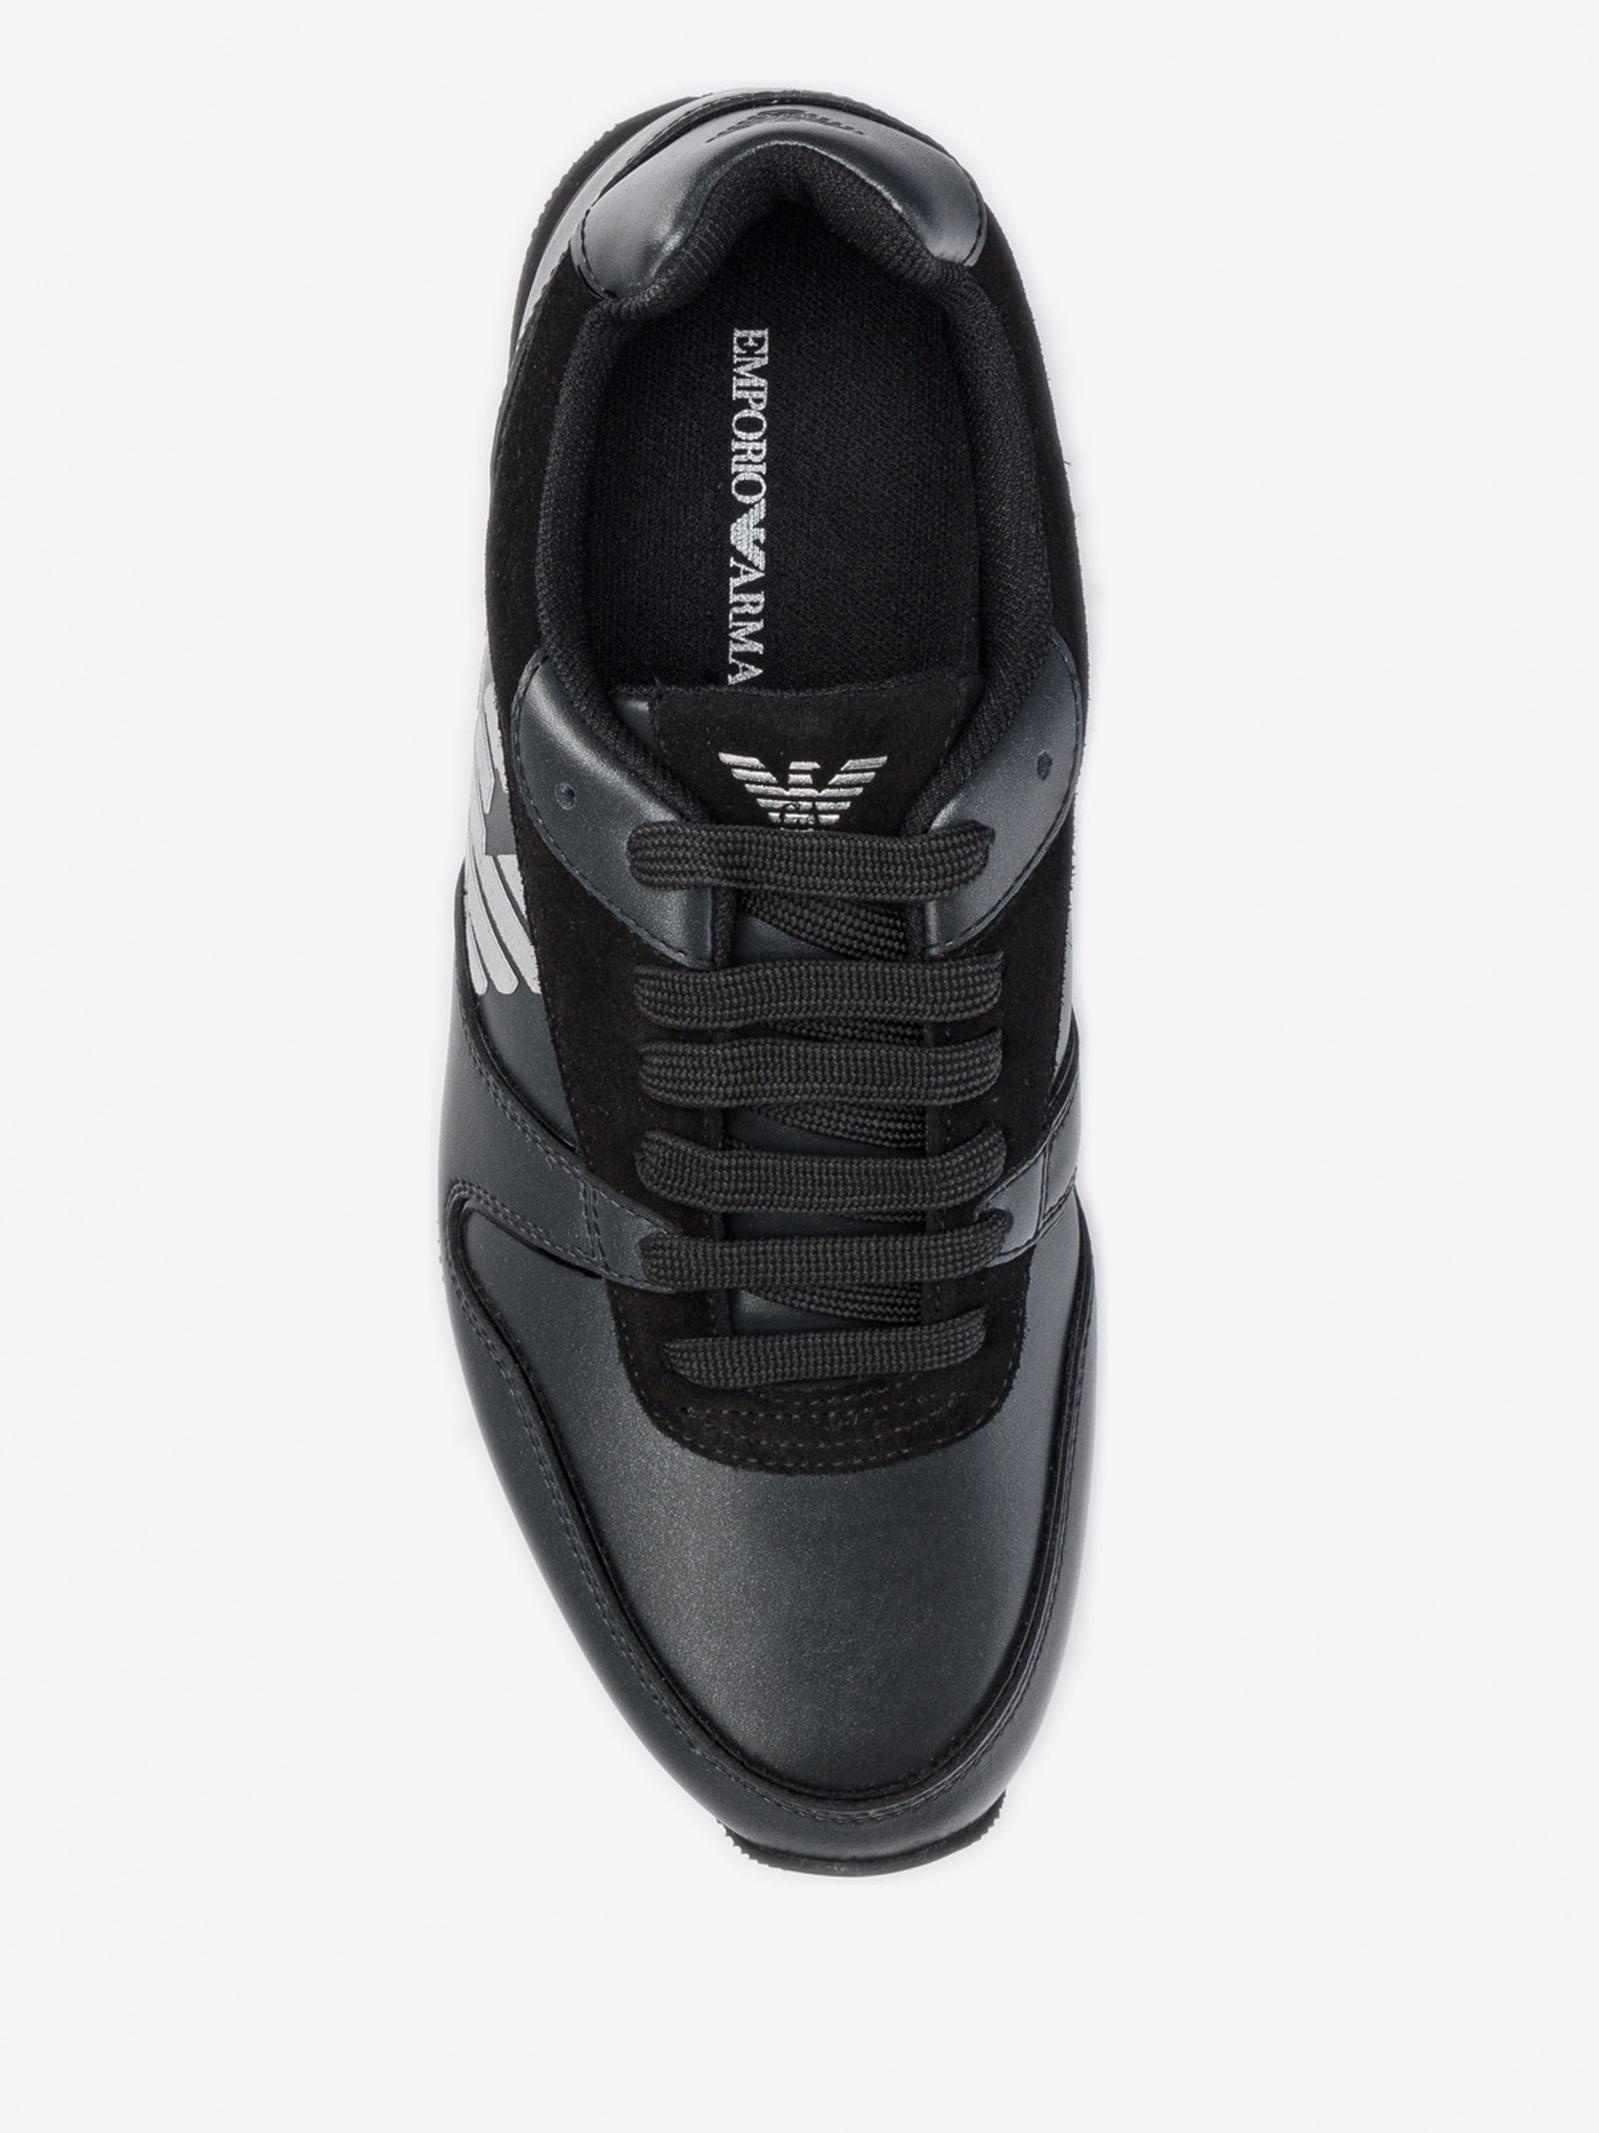 Кроссовки для женщин Emporio Armani 5R162 Заказать, 2017